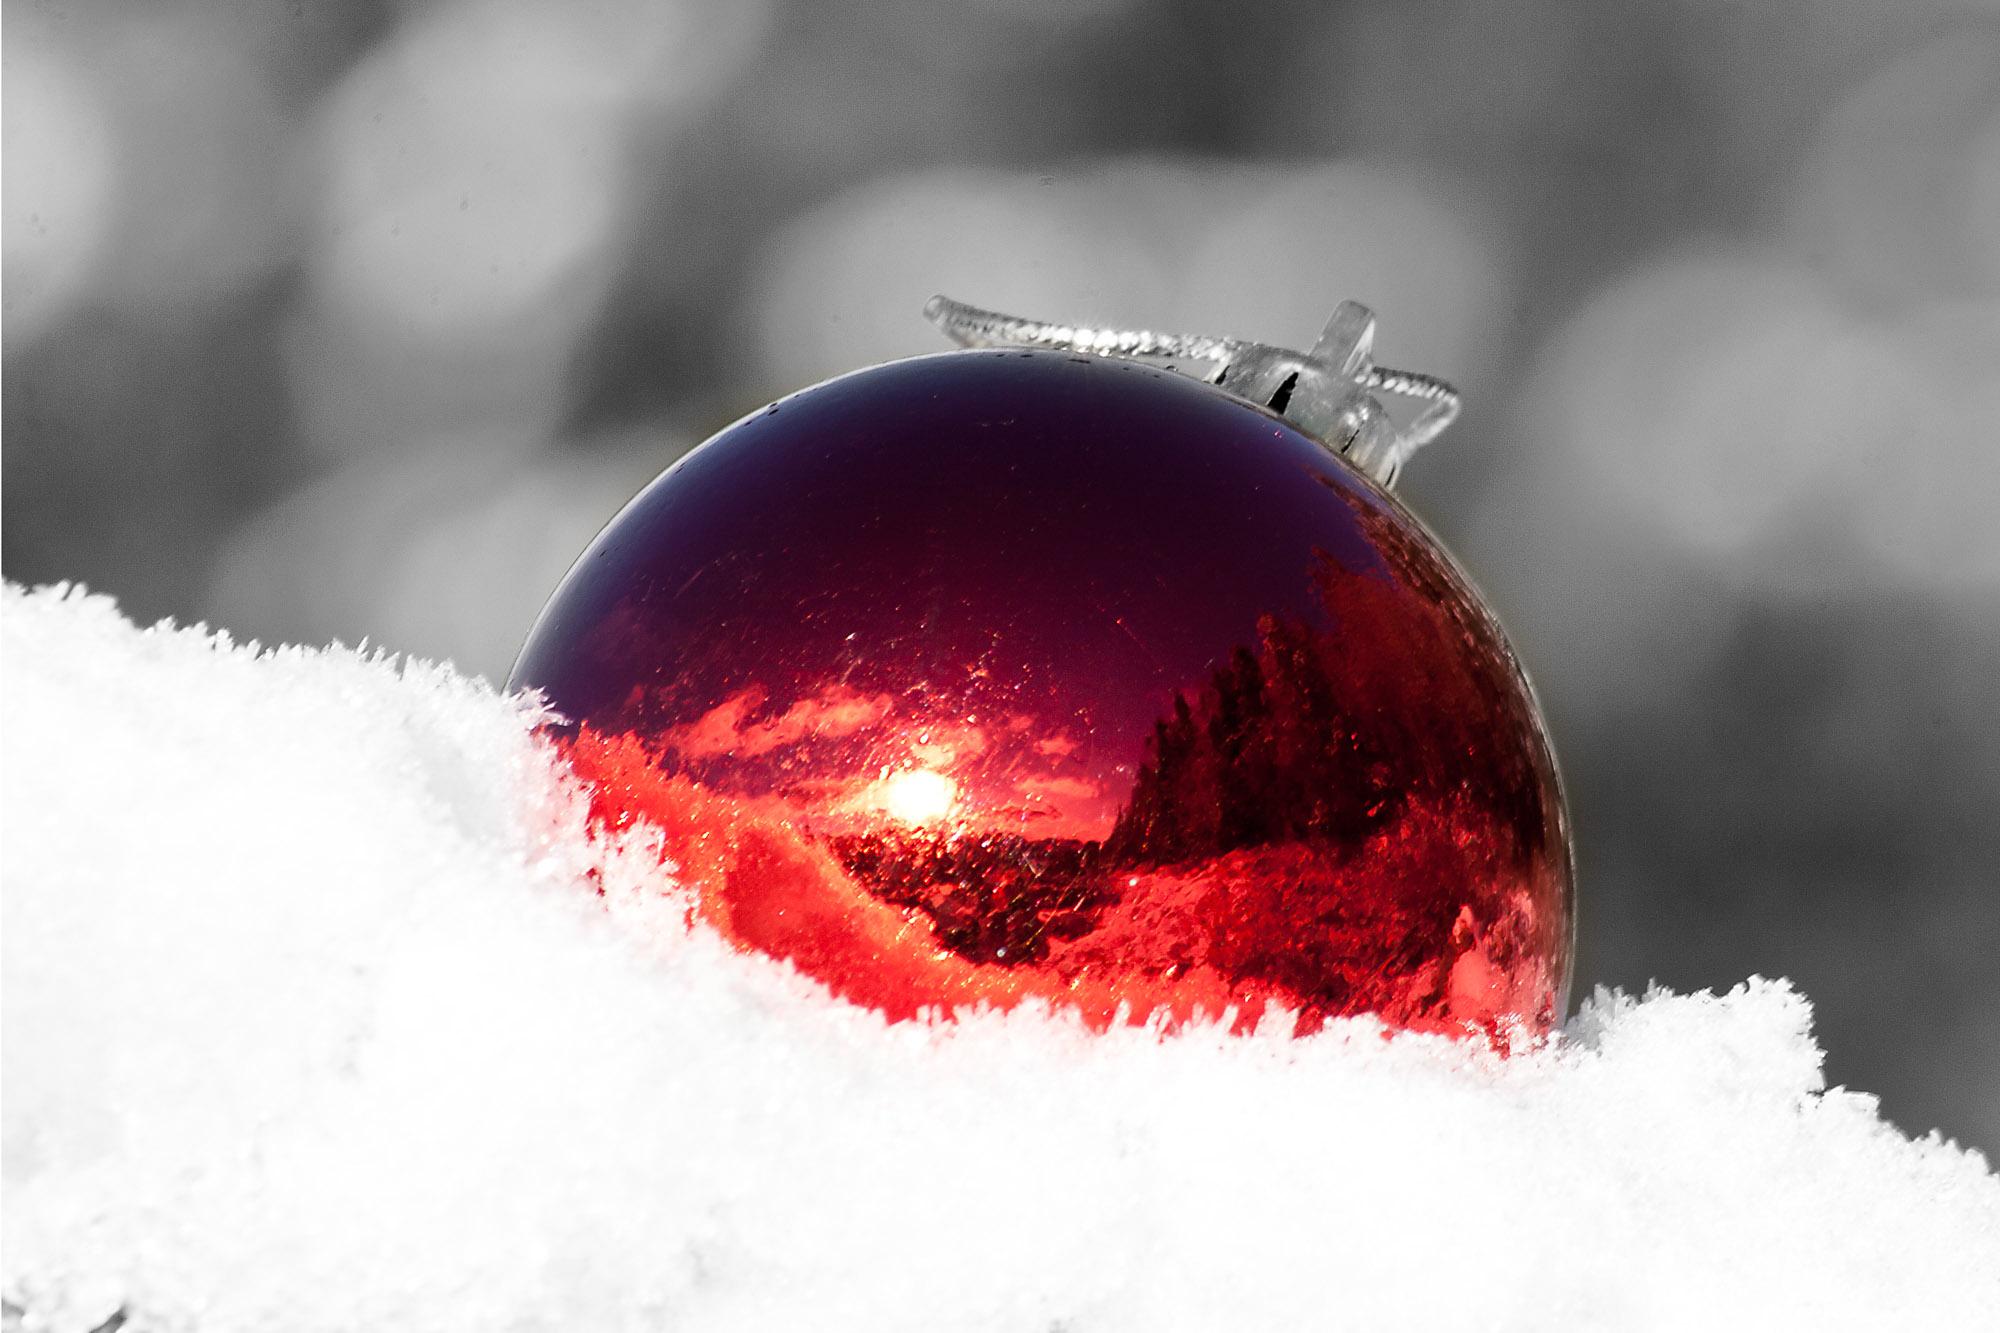 Julekula Det var en gang i ei julekule. Ei julekule man kunne drømme seg bort i. Ei julekule der du kan slippe tankene fri. Ei rød julekule som inneholder hemmelige budskap. Innenfor det røde, kan man skimte skogen og dens hemmeligheter.